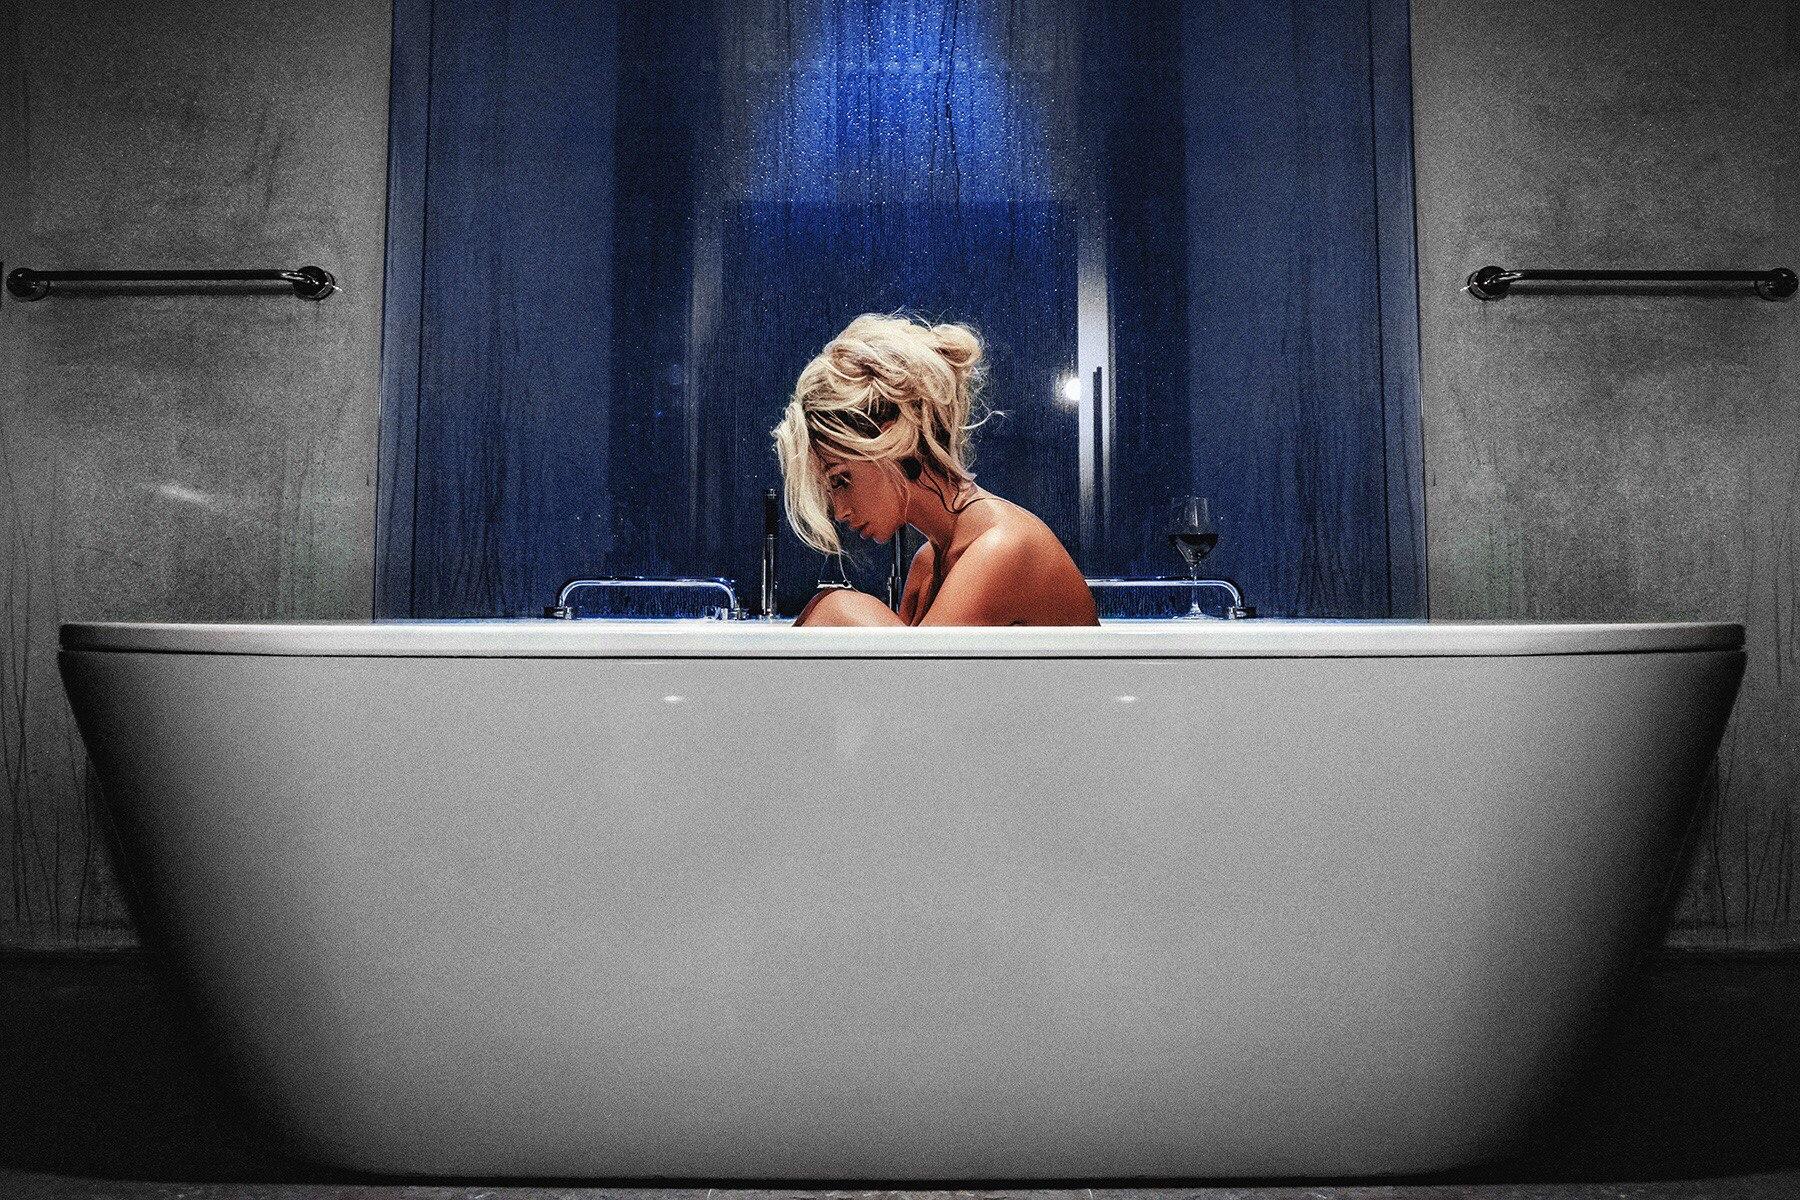 Wallpaper : Aleksey Trifonov, women, sitting, bathtub, blonde ...